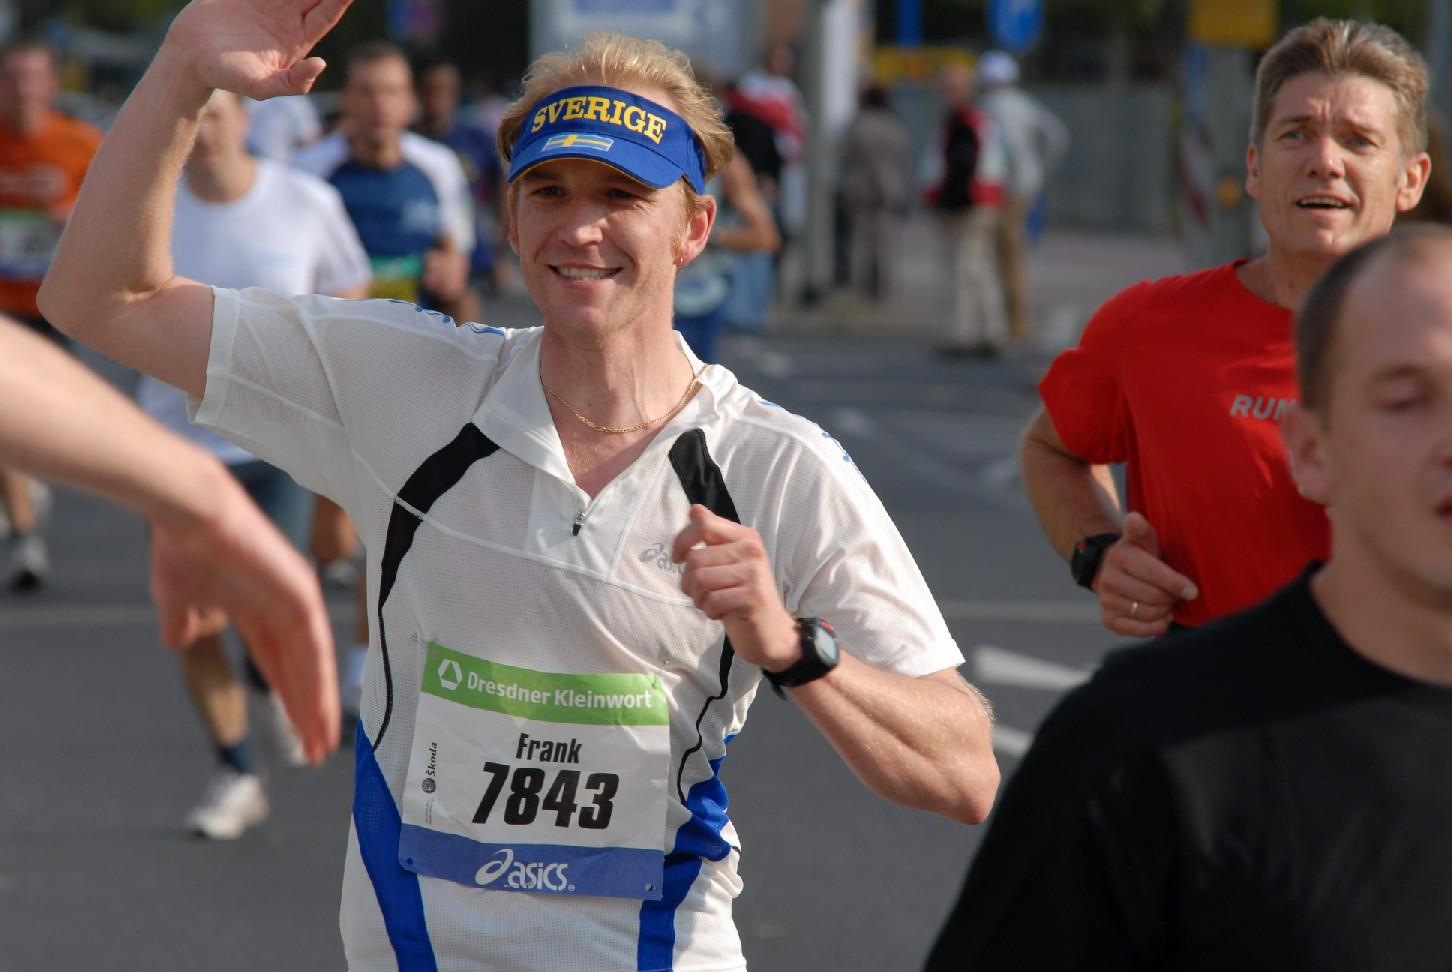 2006-10-29_Marathon_FFM_Frank.jpg